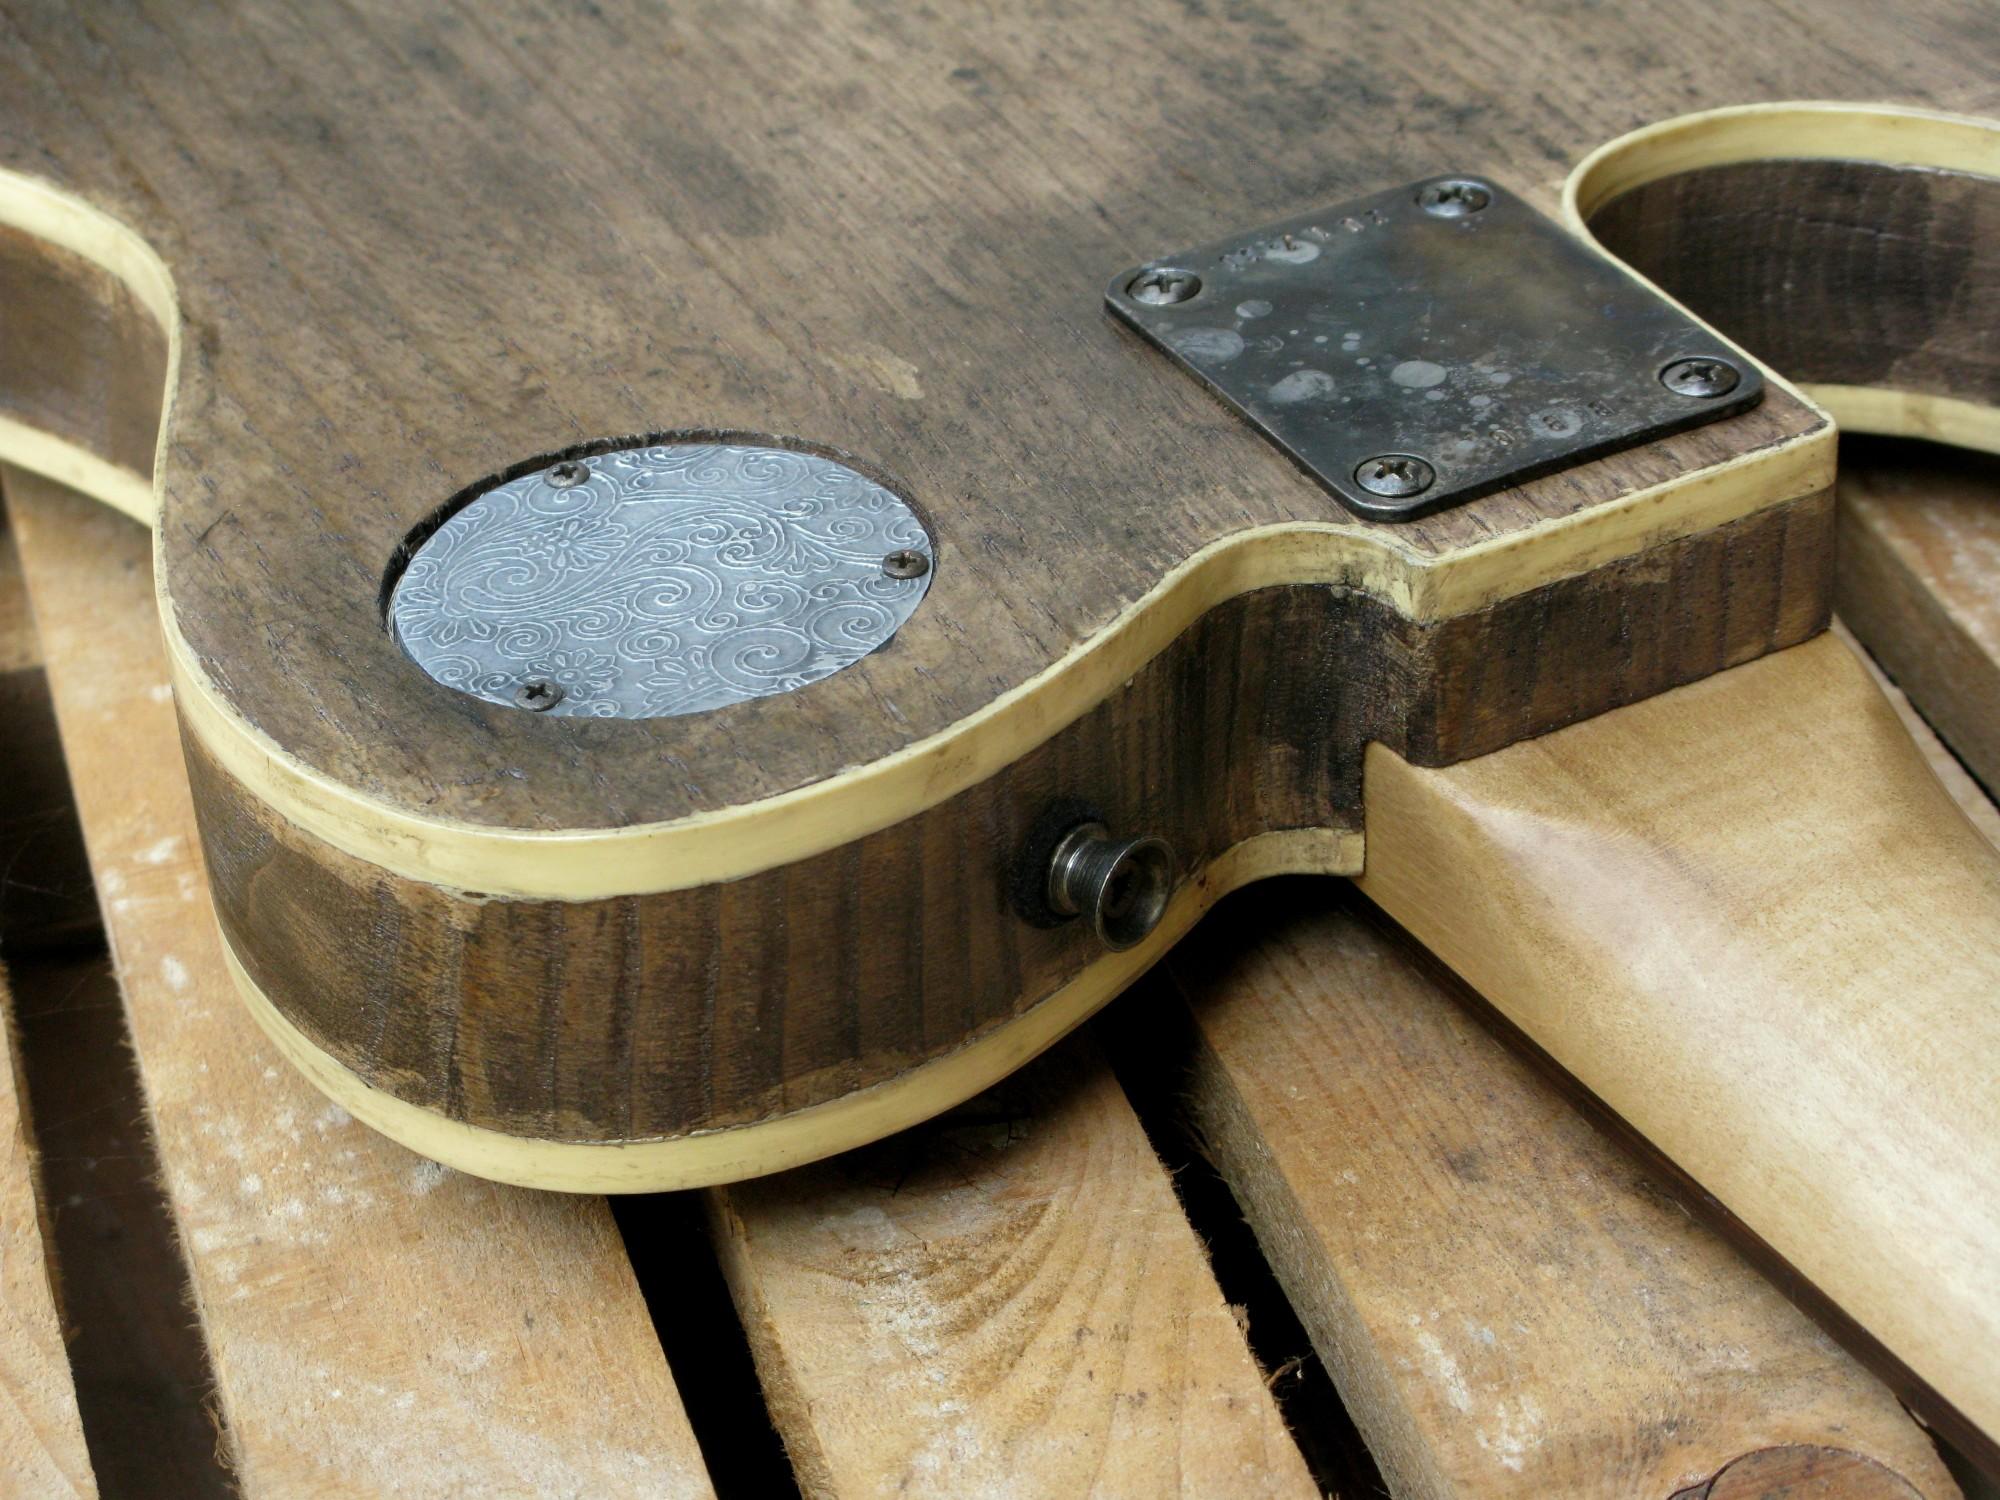 Retro del body di una chitarra elettrica baritono modello Telecaster con top ricavato da una vecchia cassetta di polvere da sparo